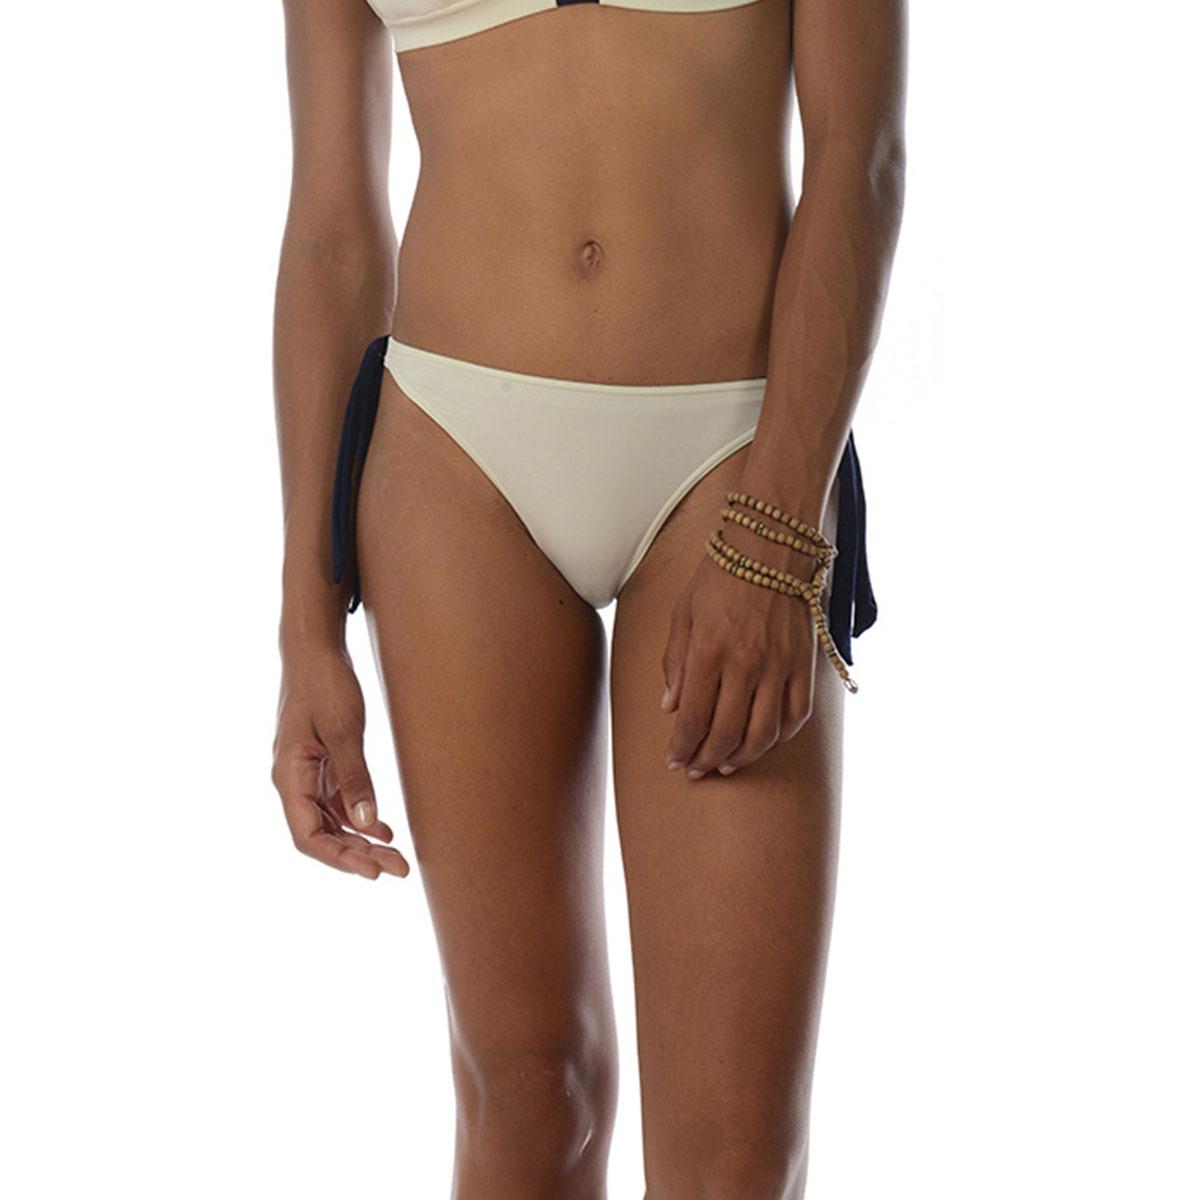 Maillot de bain culotte blanche à noeuds Transat (Bas)